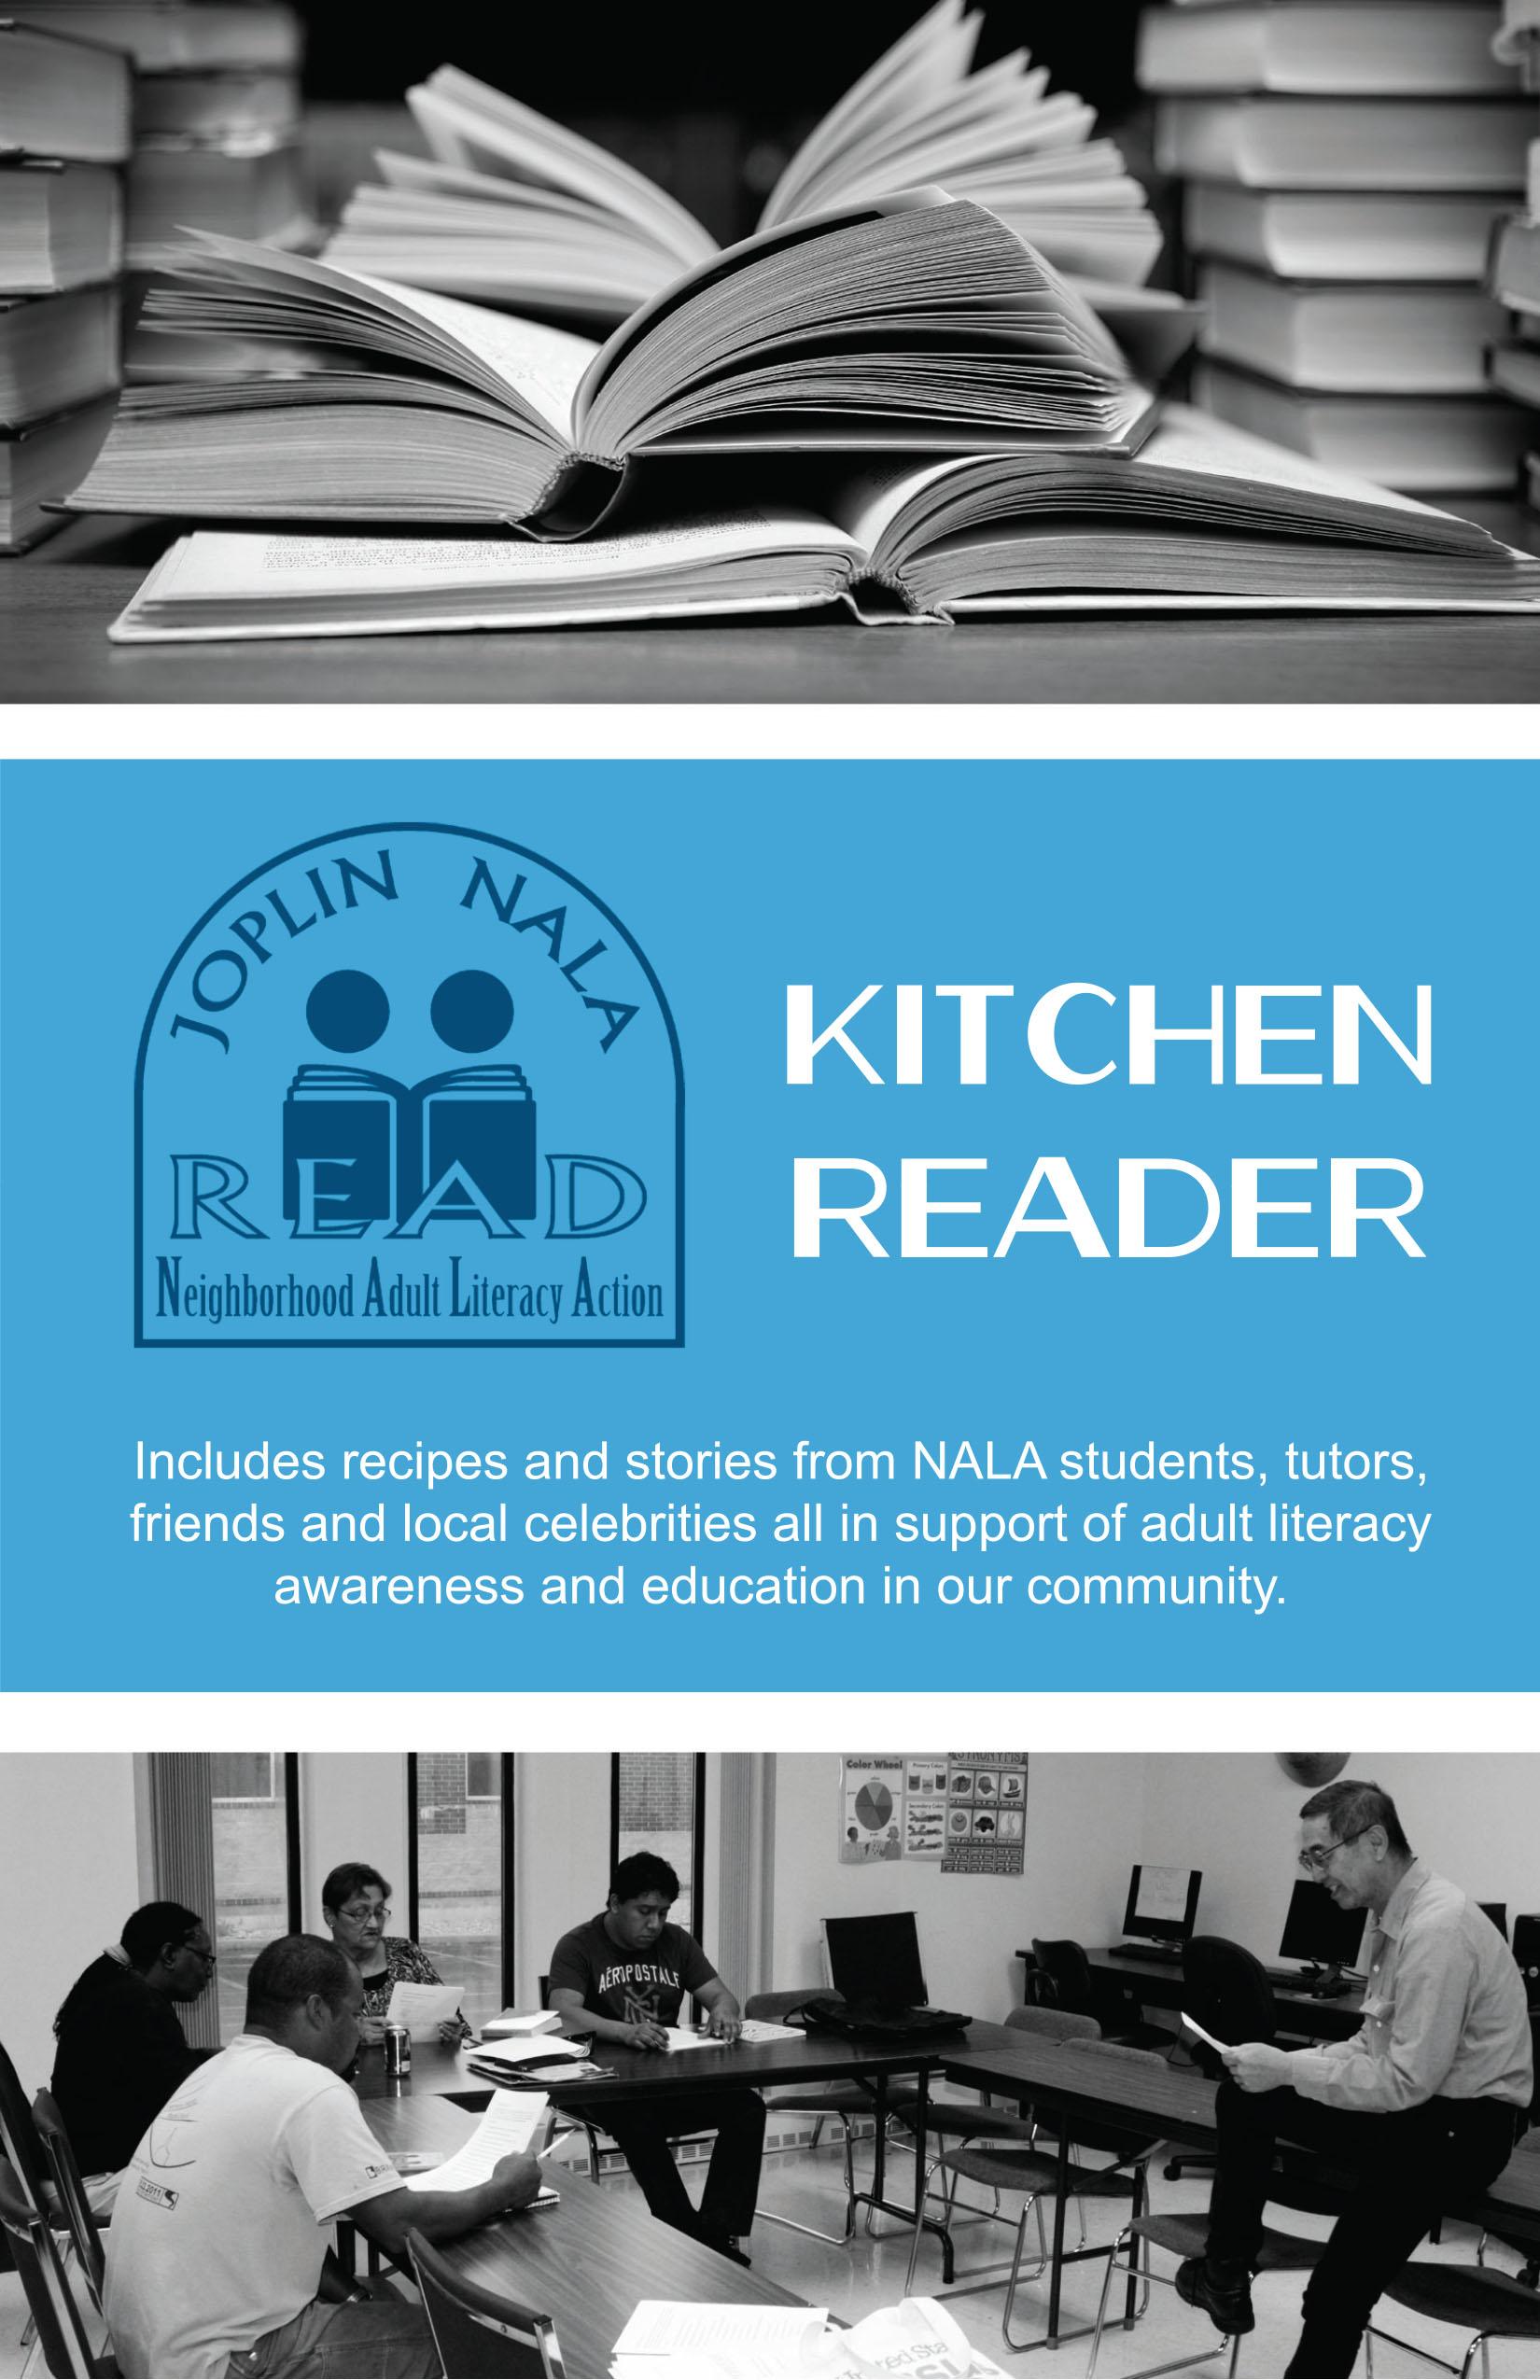 2015 Joplin NALA Kitchen Reader